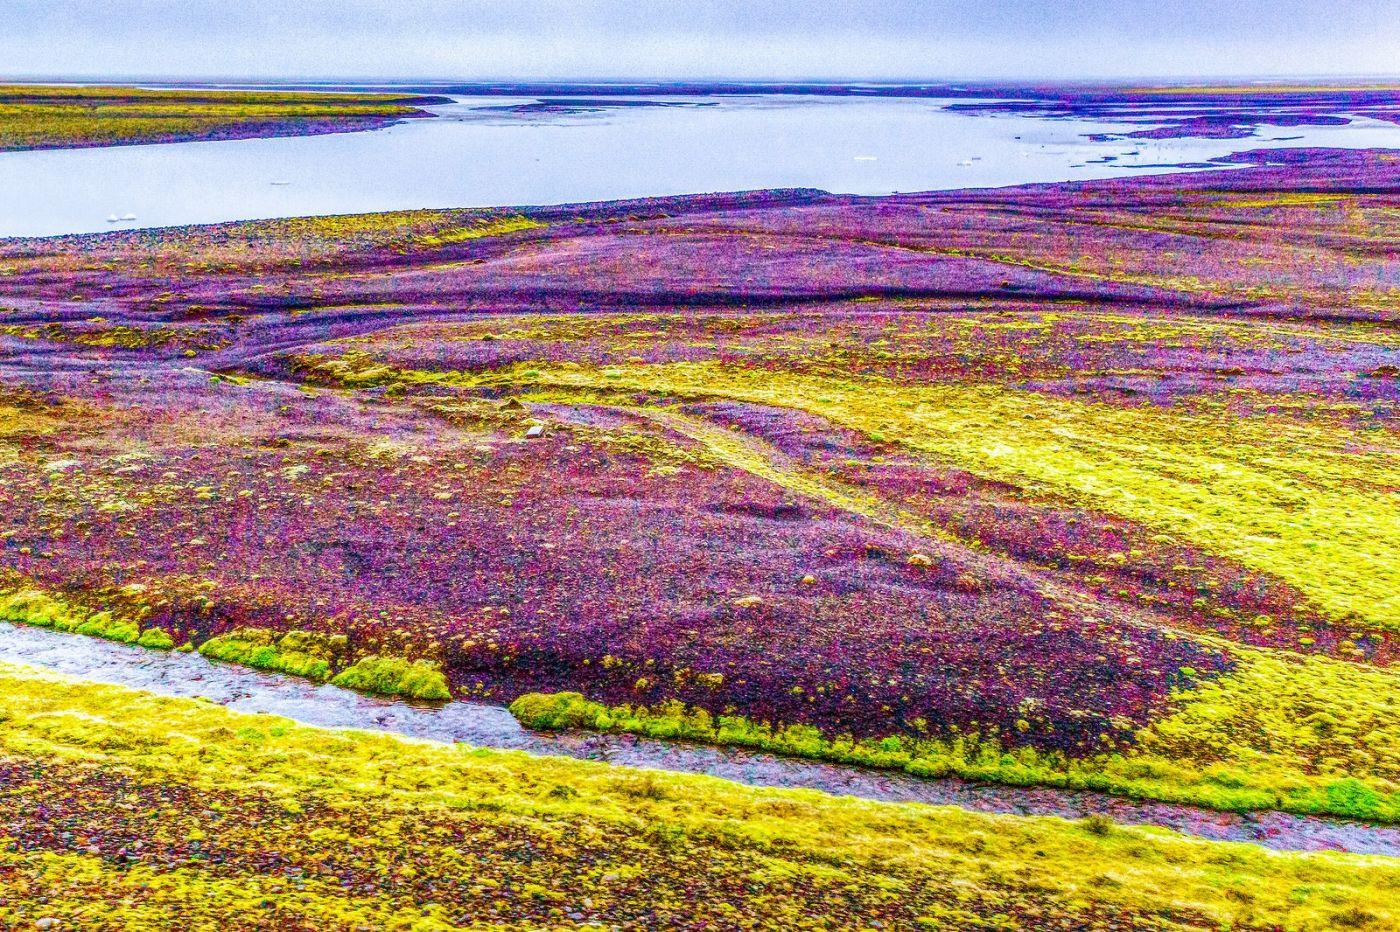 冰岛风采,延伸视野_图1-27